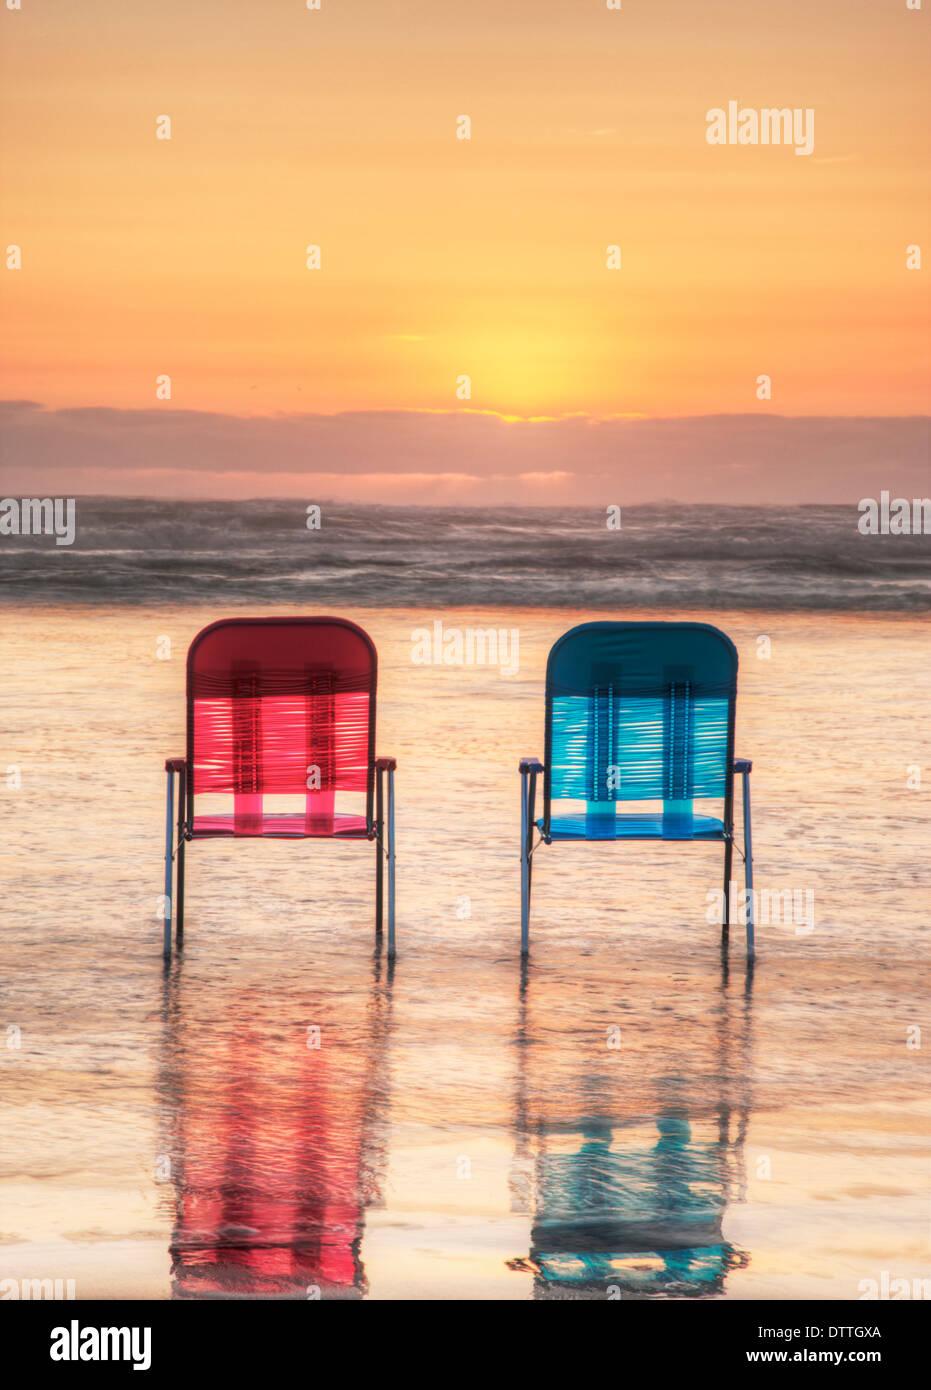 Les chaises de parterre en vagues sur la plage au coucher du soleil Photo Stock